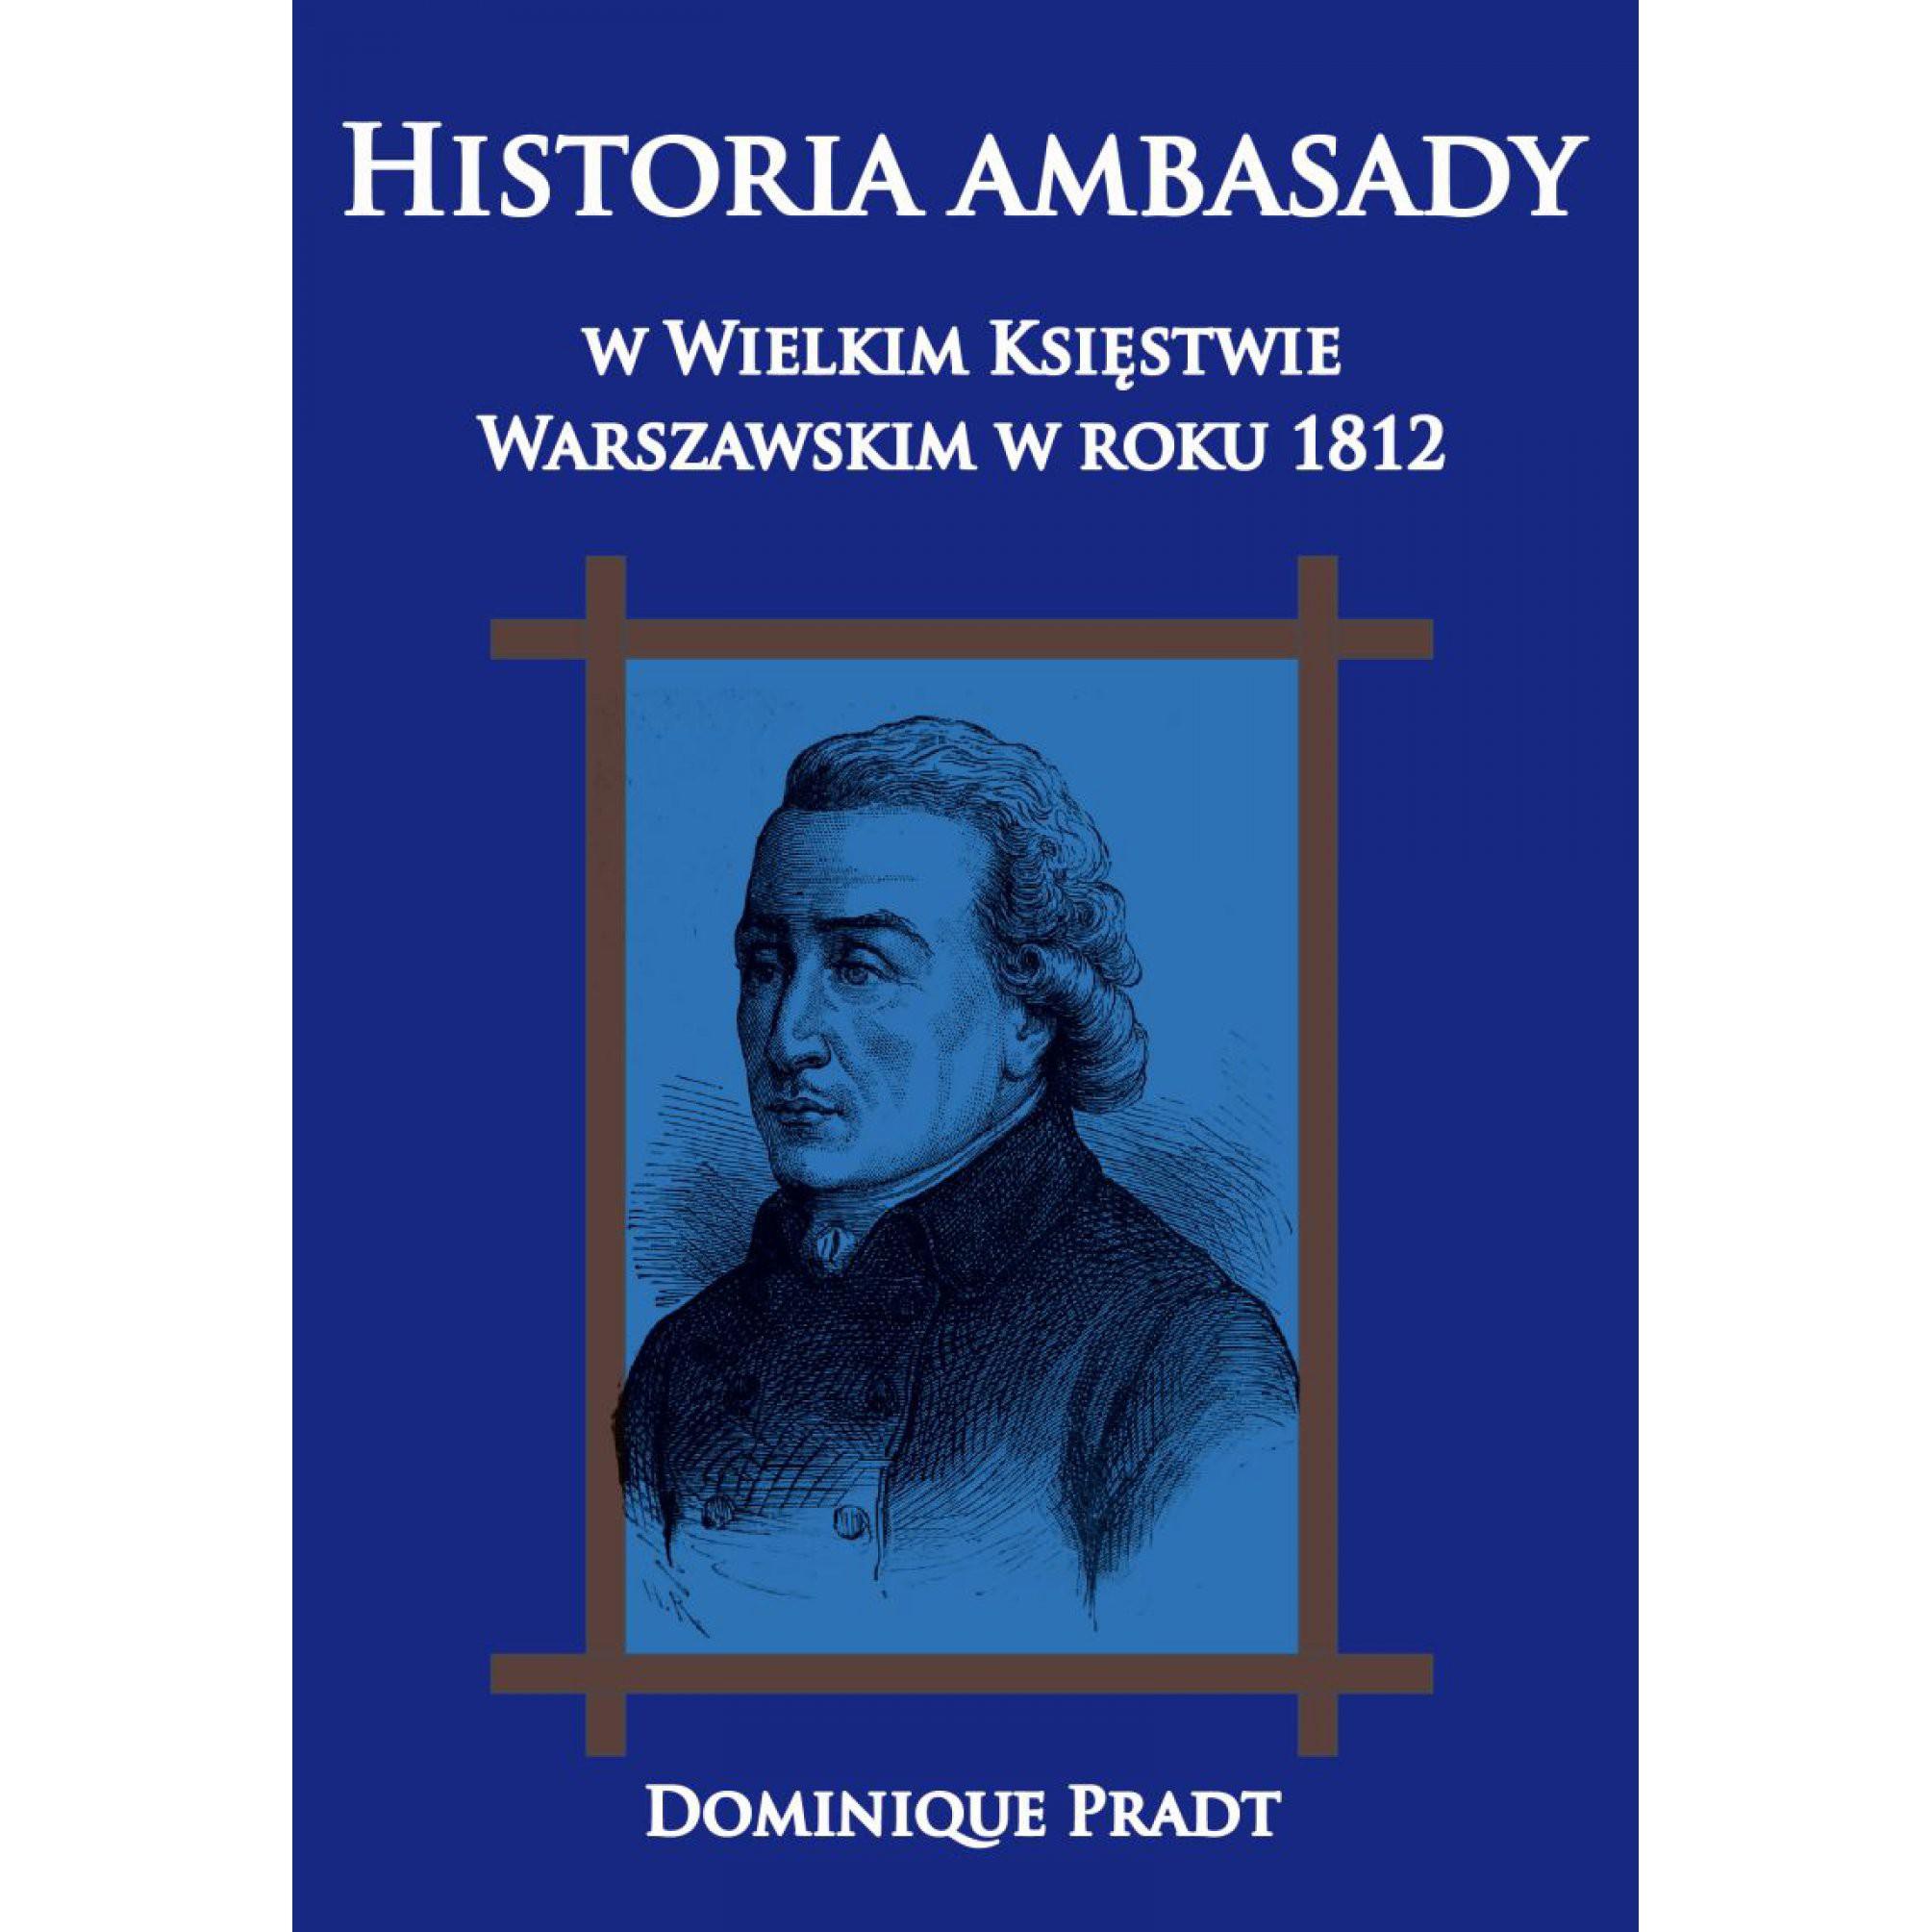 Historia ambasady w Wielkim Księstwie Warszawskim w roku 1812